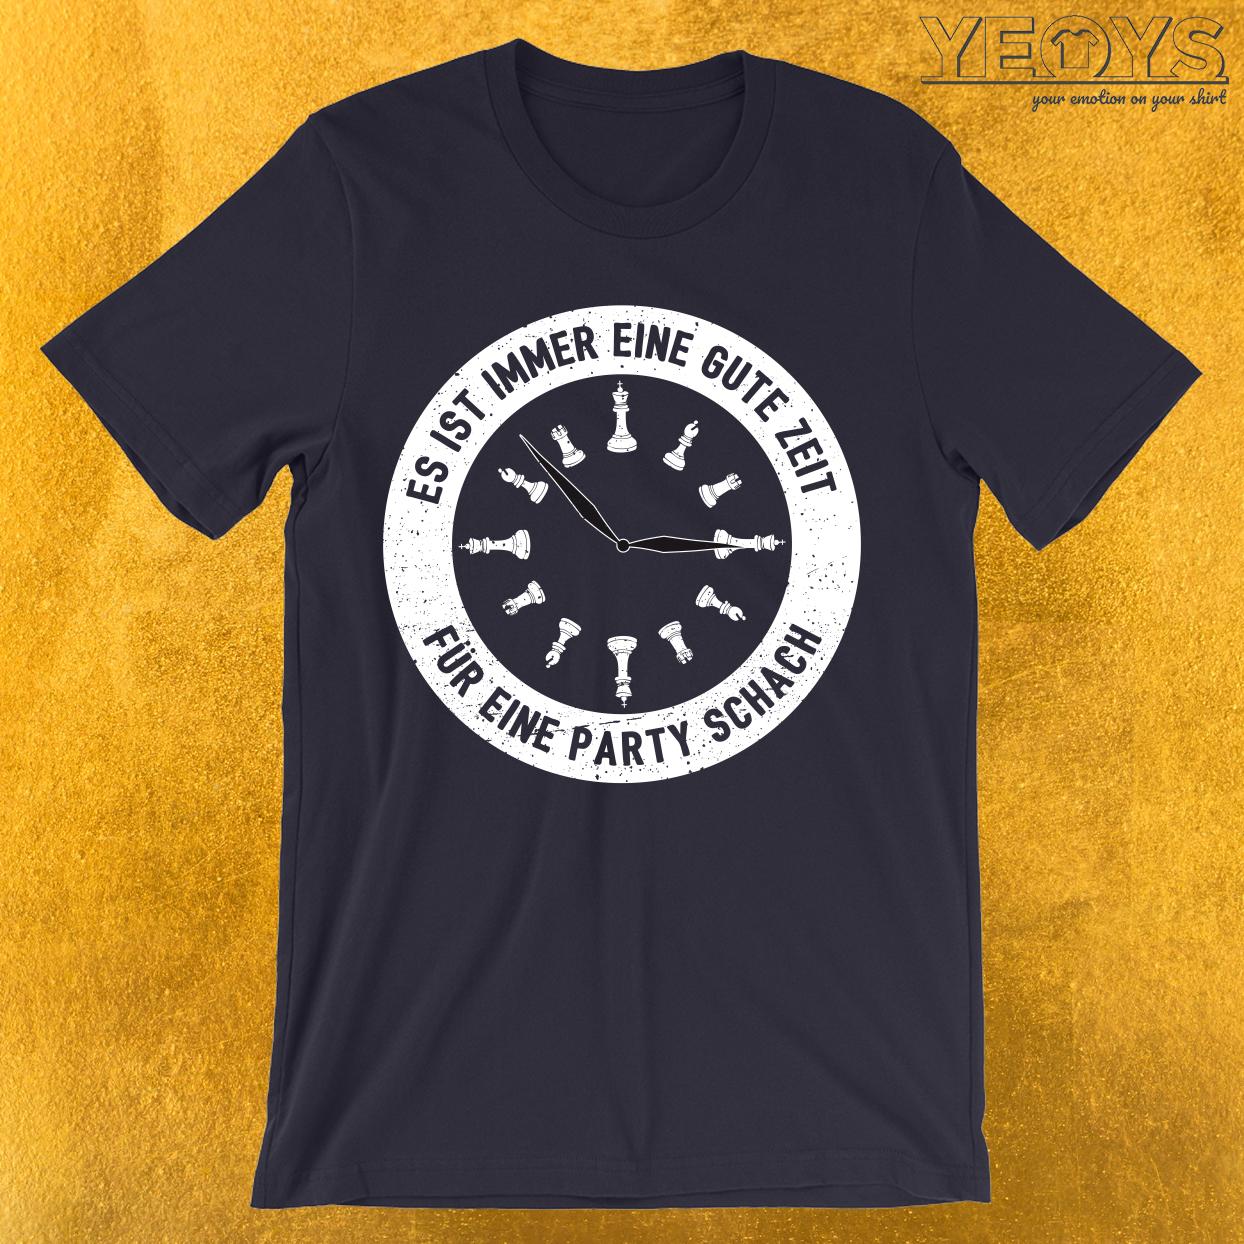 Gute Zeit Für Eine Partie Schach T-Shirt